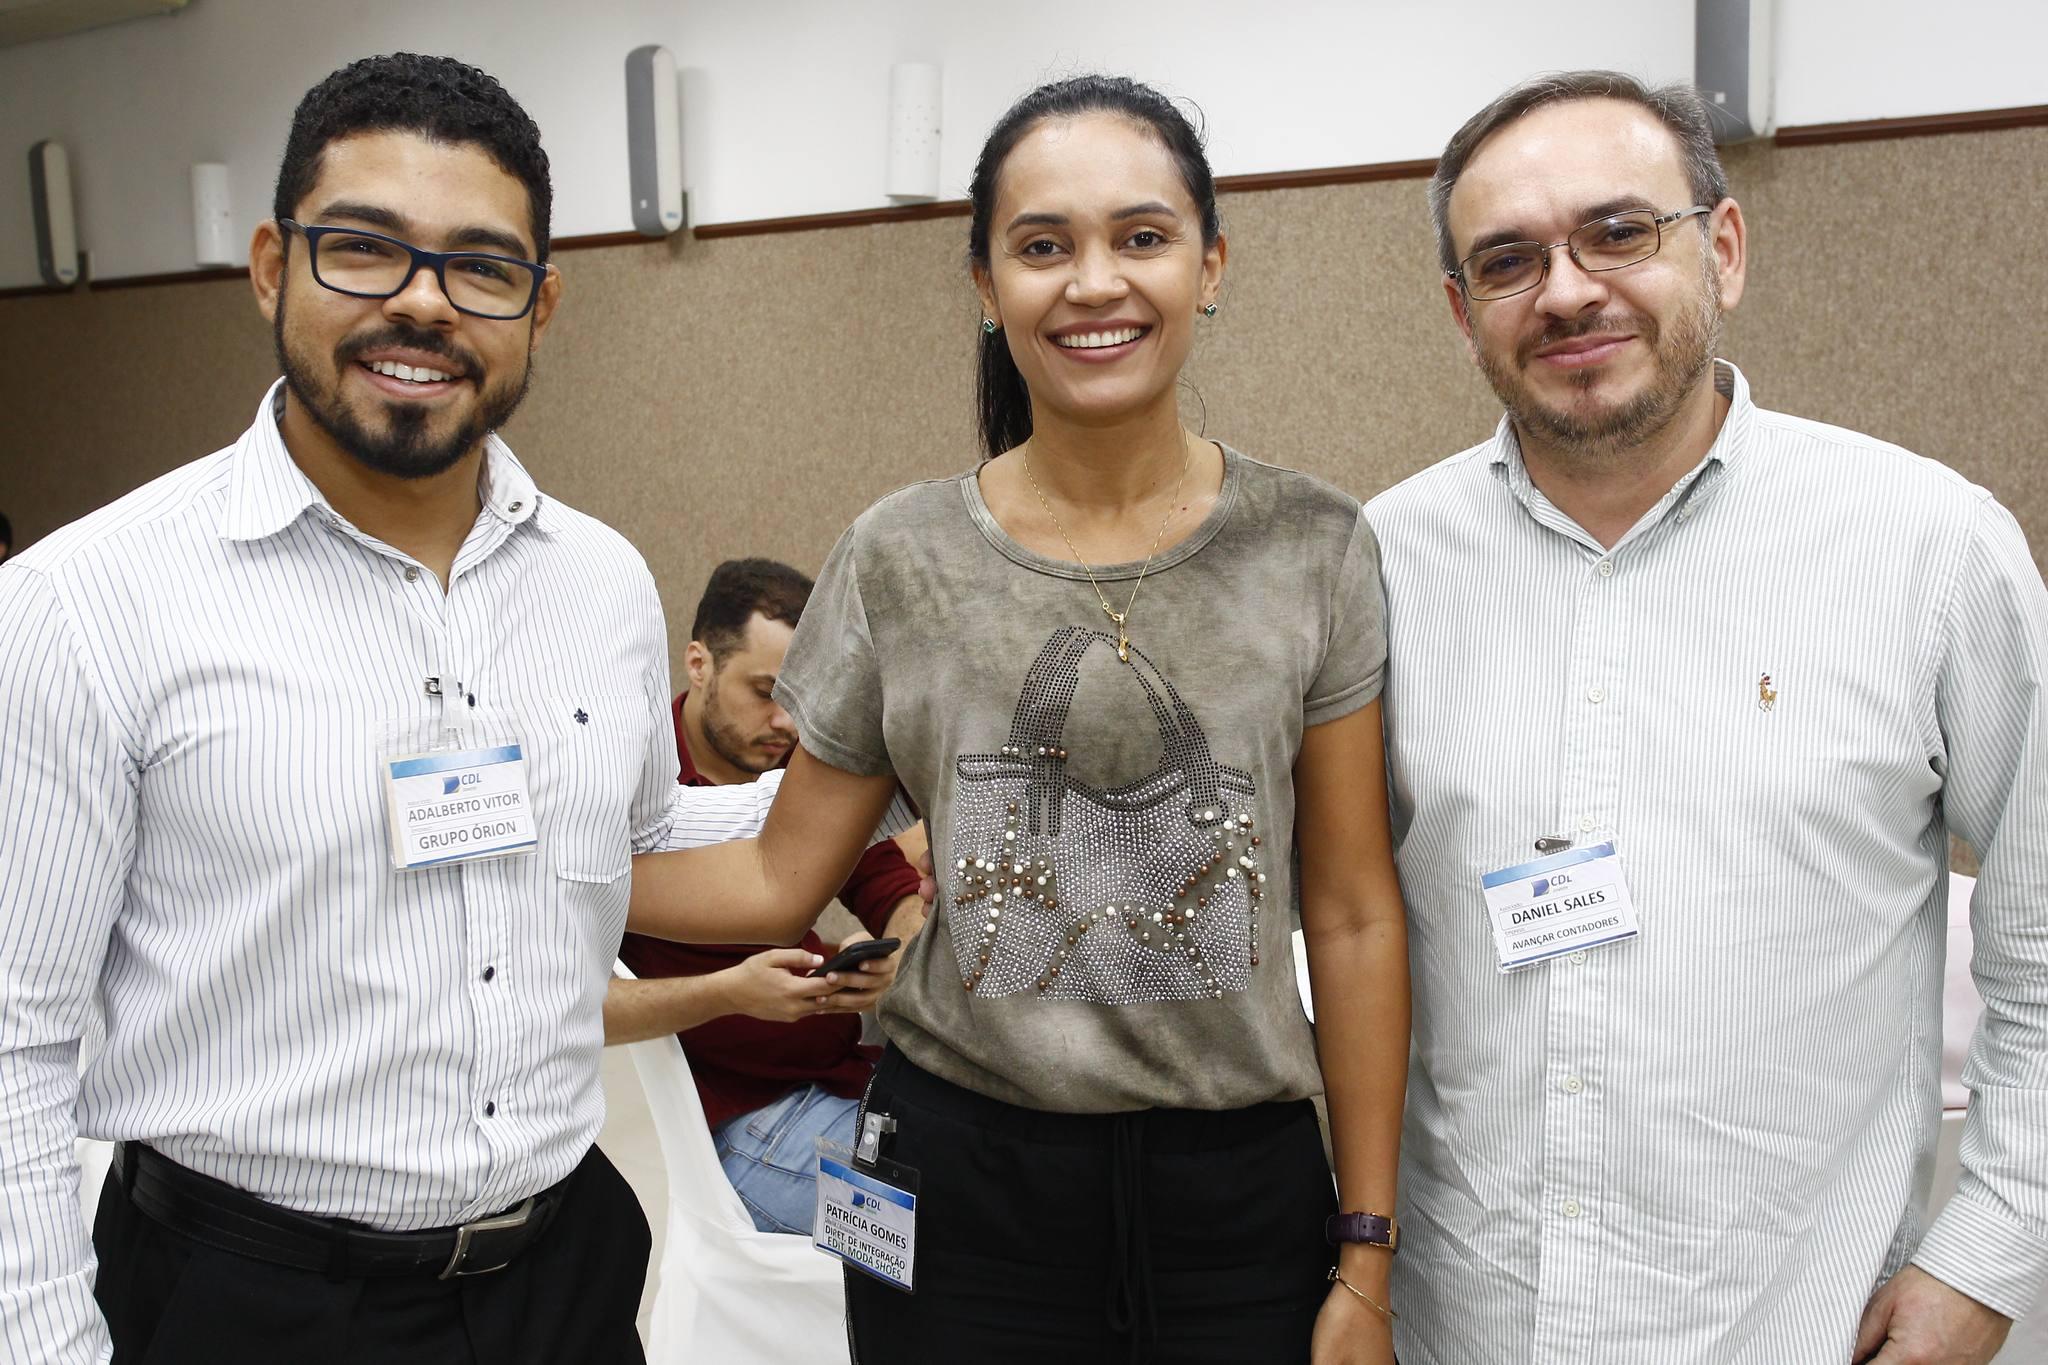 Adalberto Vitos, Patricia Gomes E Daniel Sales